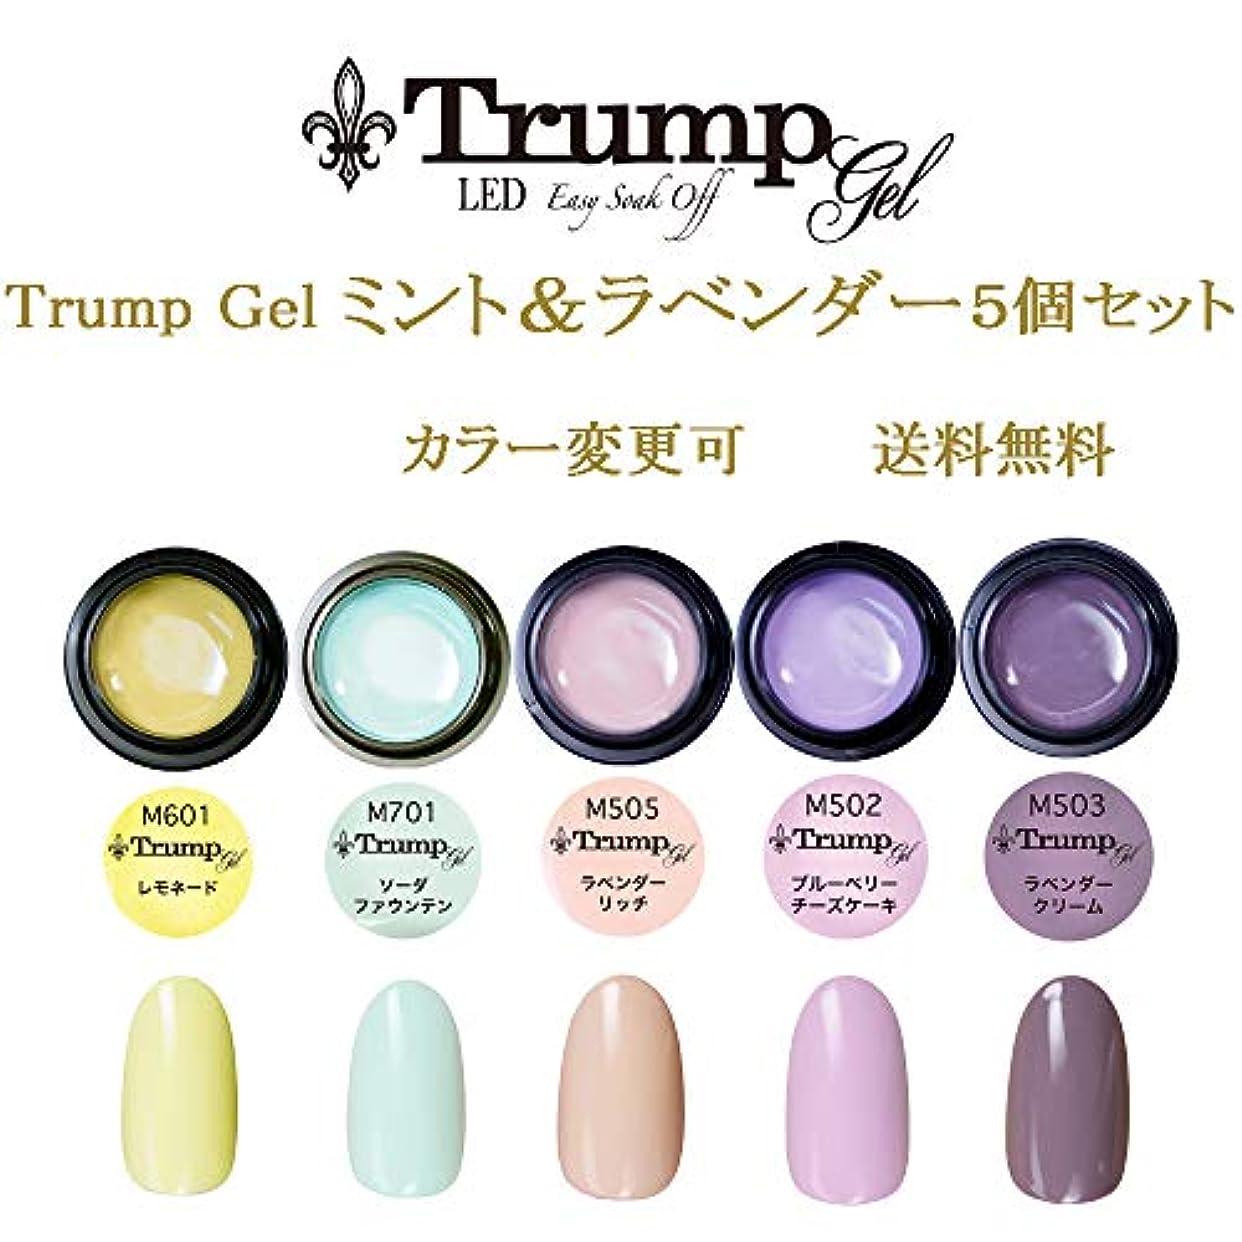 ウォーターフロント墓地積極的に【送料無料】日本製 Trump gel トランプジェル ミント&ラベンダー 選べる カラージェル 5個セット ラベンダー ベージュ ミントカラー